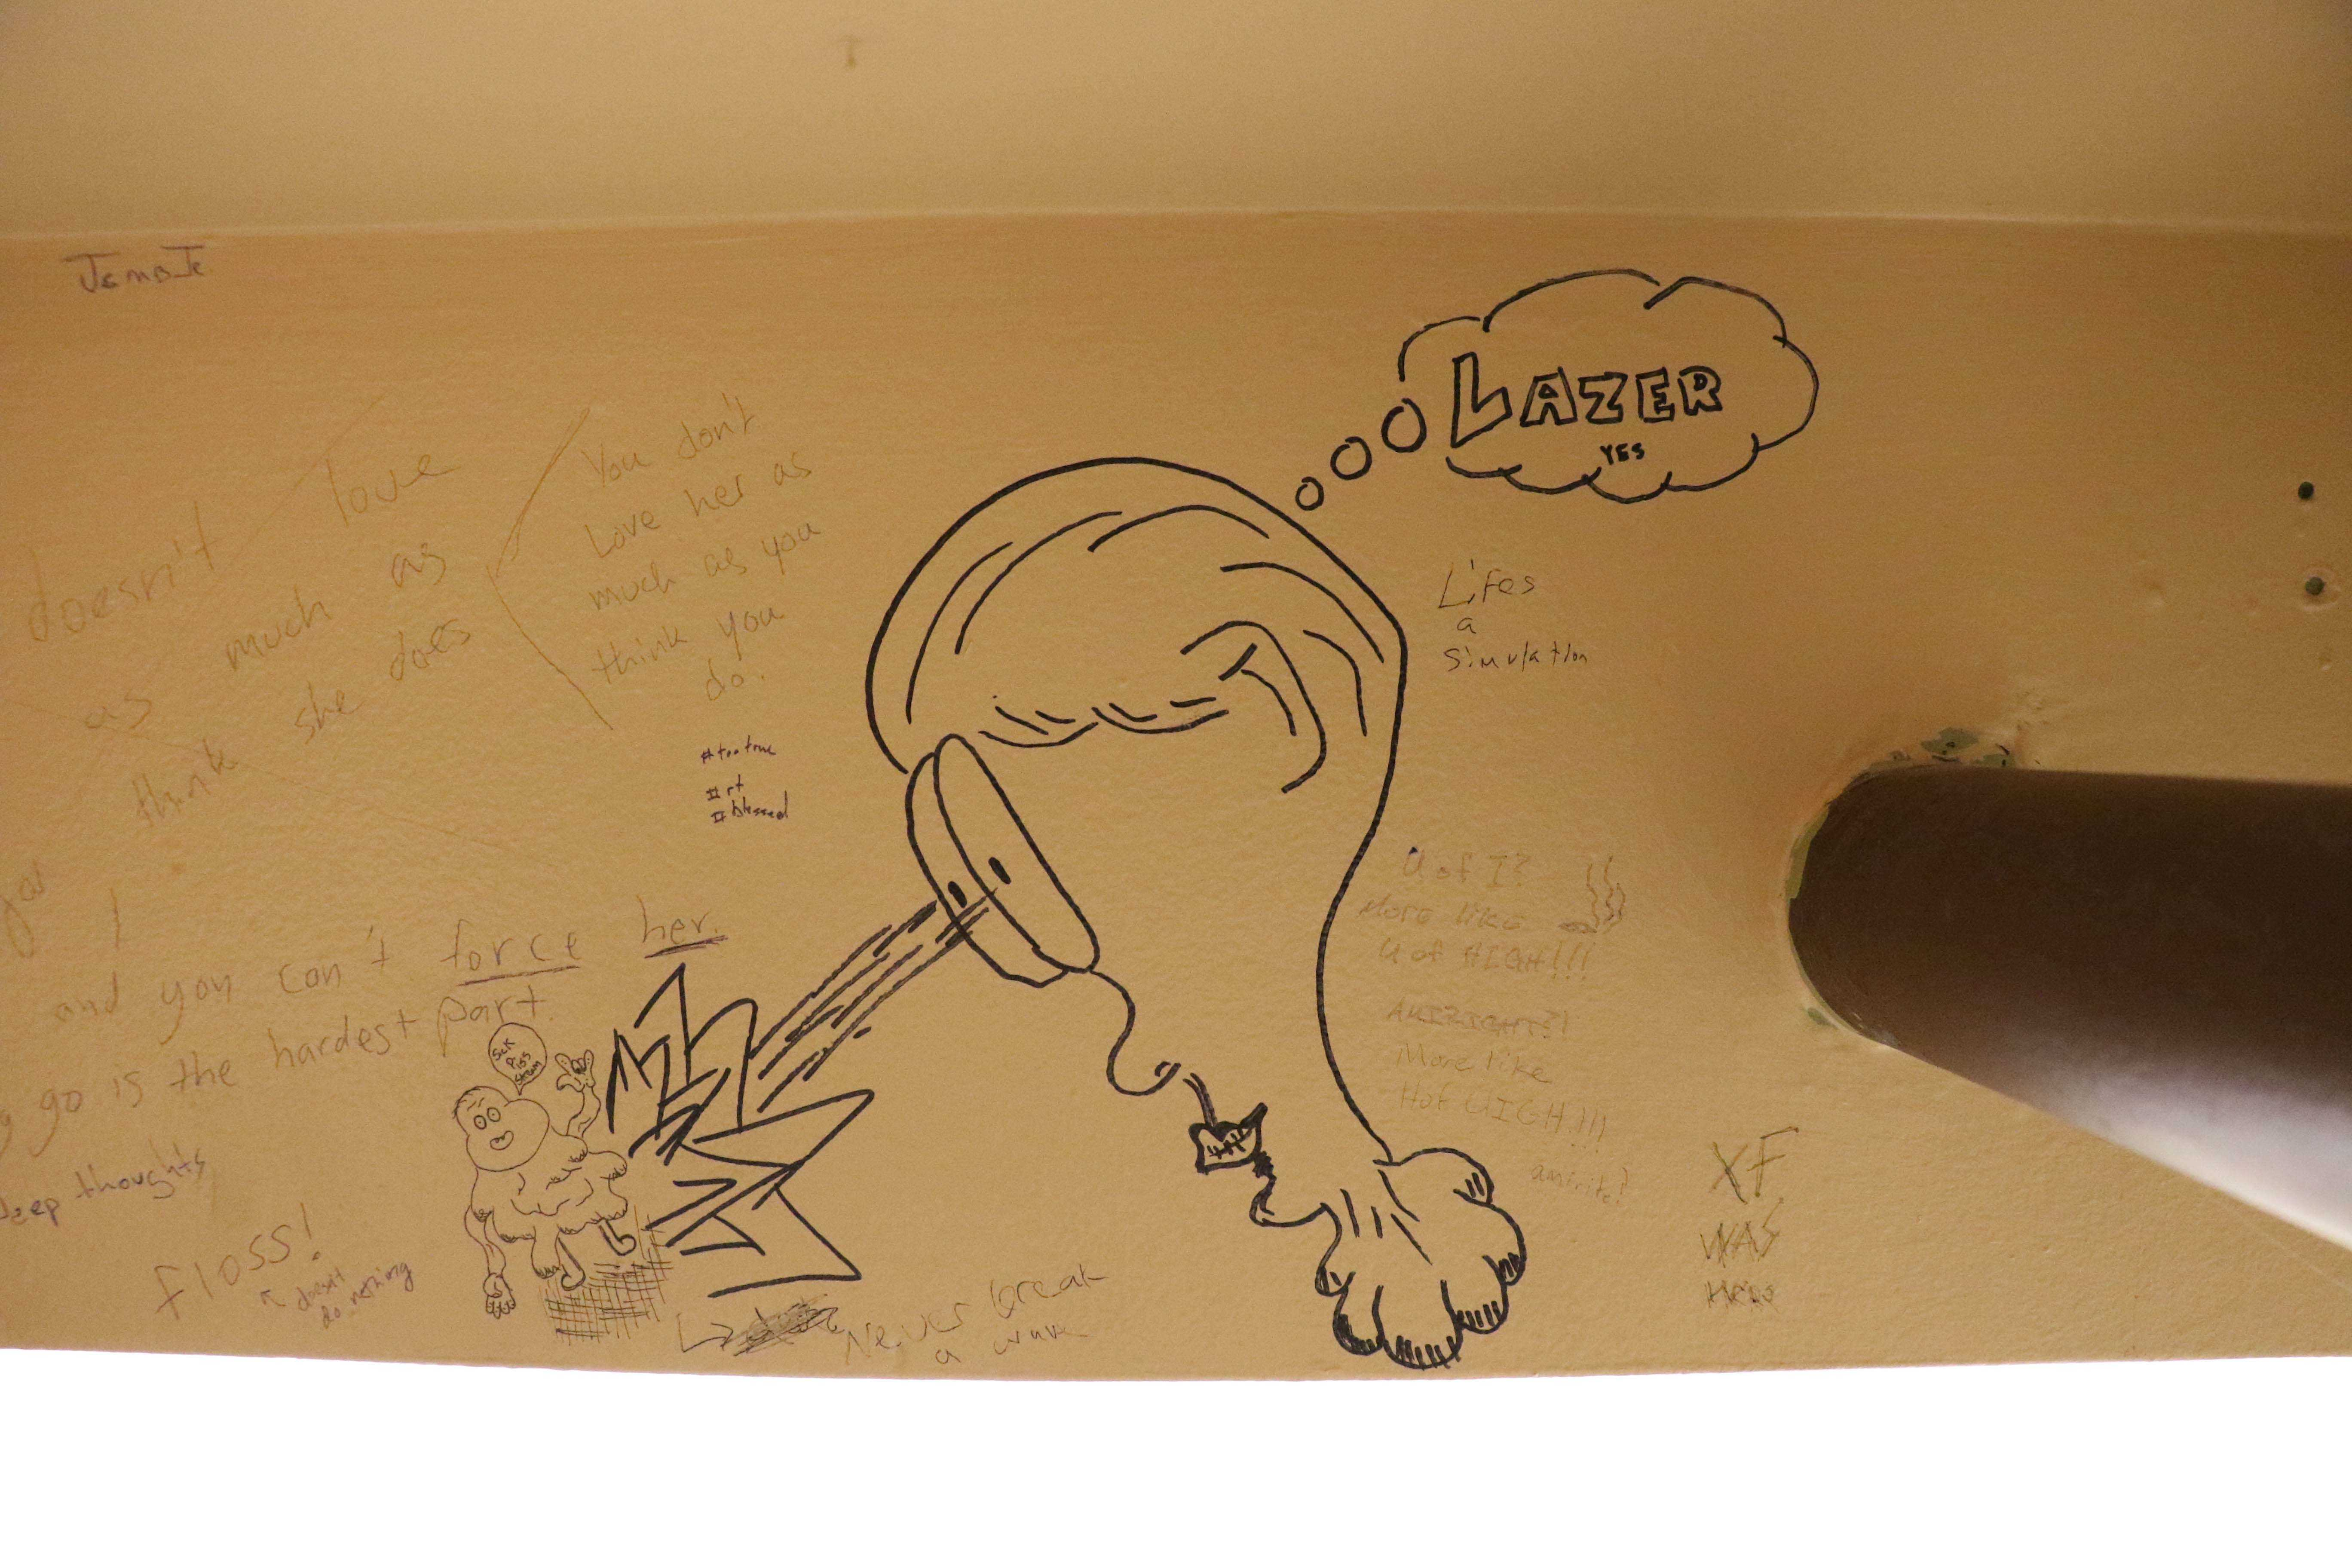 Graffiti on the bathroom wall of Espresso Royale on Daniel Street.